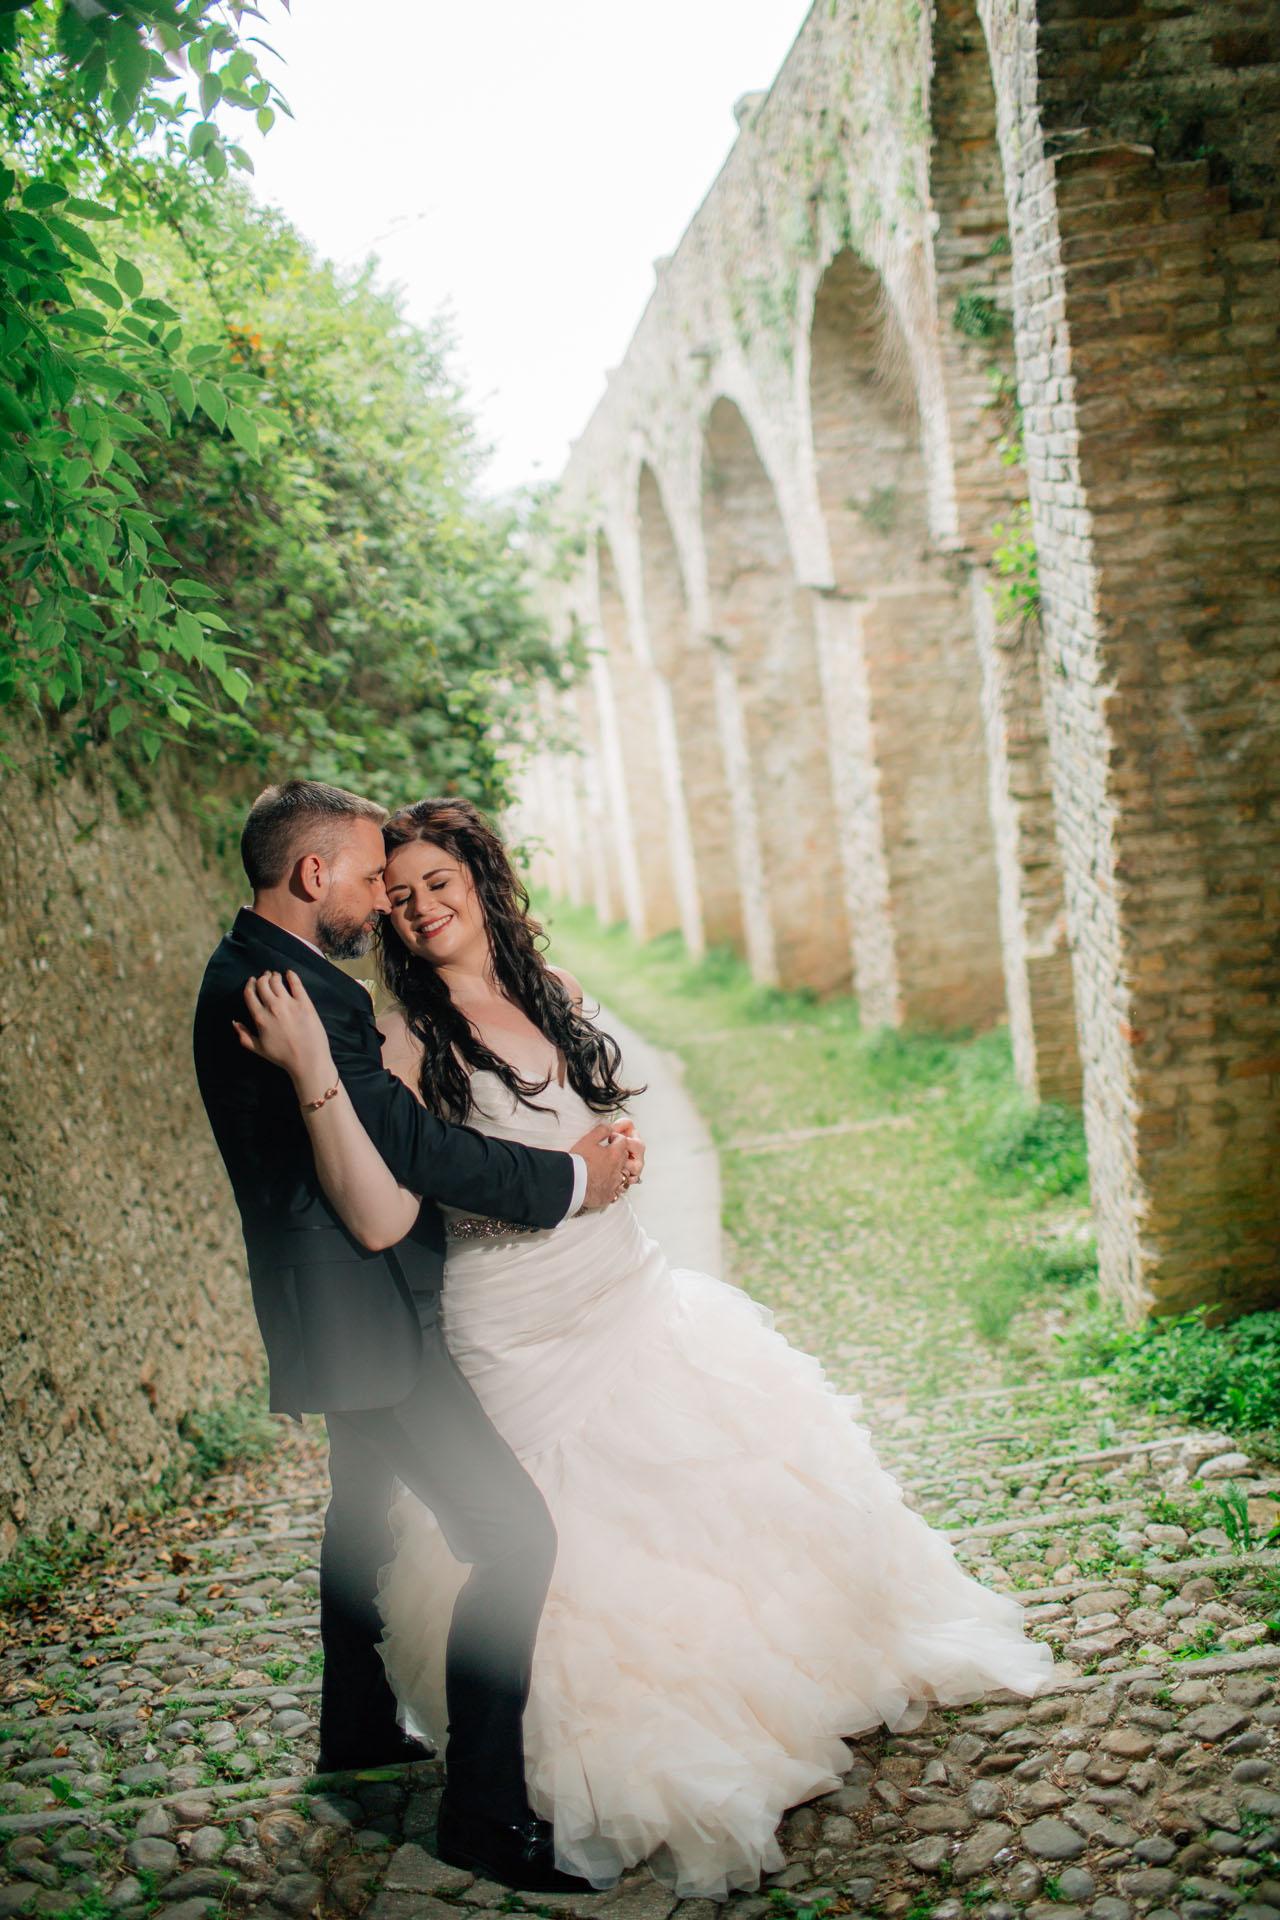 Jessica-Jason-Weddingdestination-Storytelling-Renato-Zanette-Fotografo-Convento-San-Francesco-Castello-di-Conegliano-Treviso-Veneto